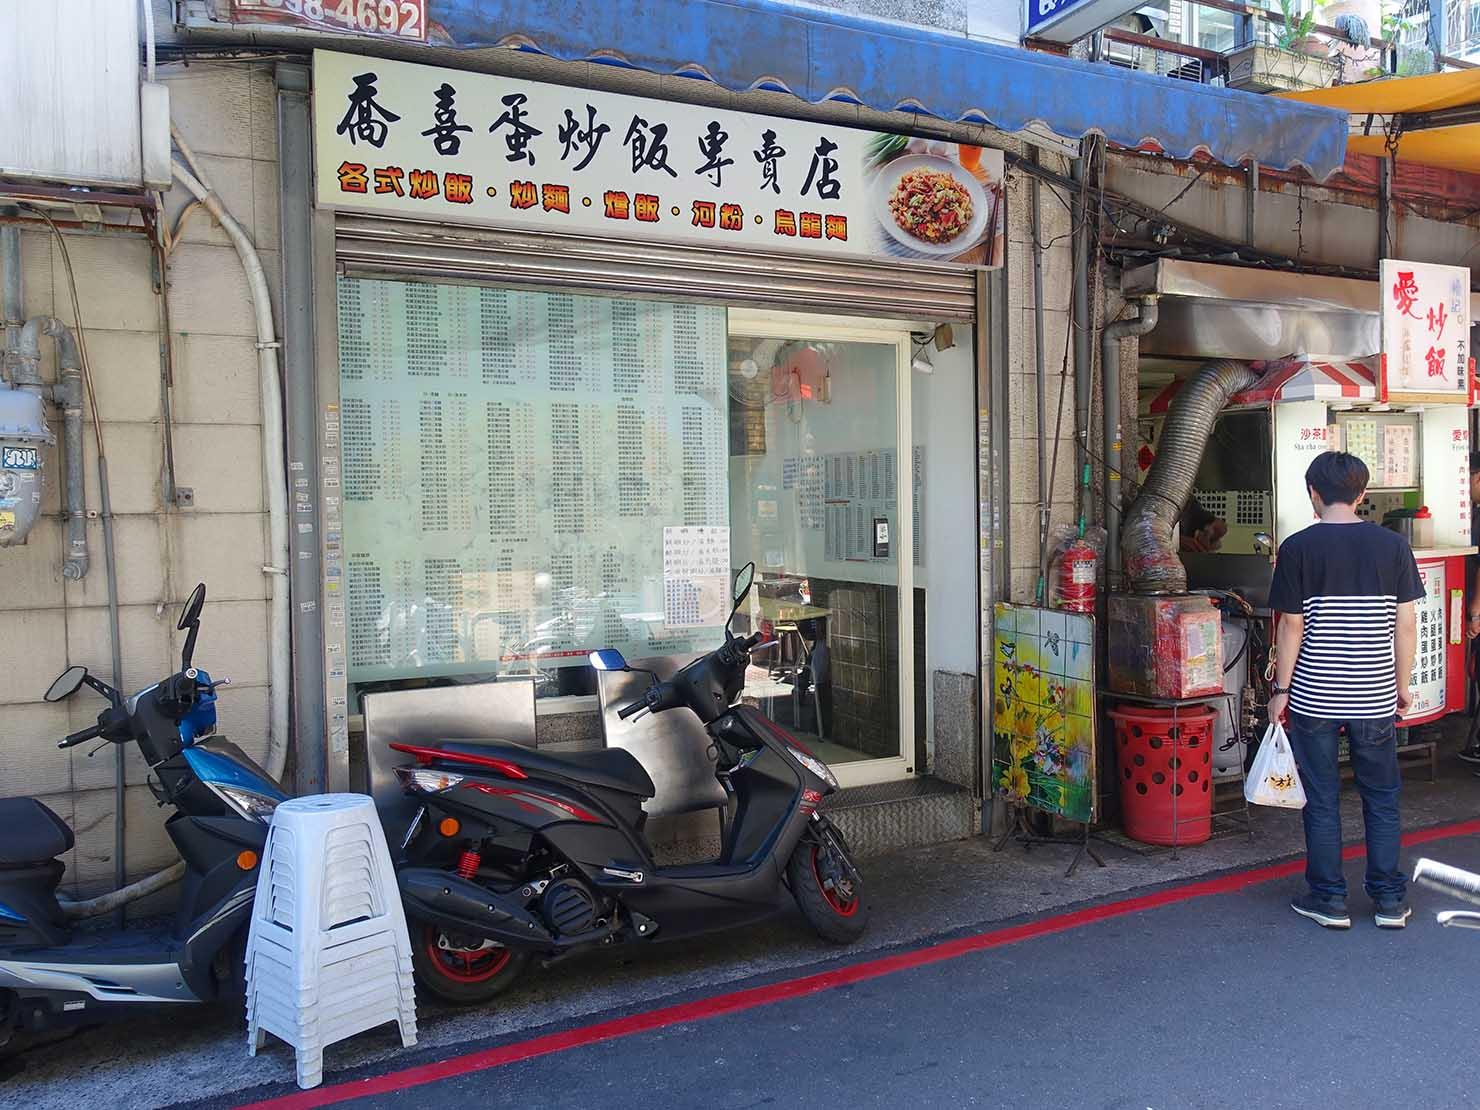 台北・忠孝新生駅周辺のおすすめグルメ店「喬喜蛋炒飯專賣店」の外観